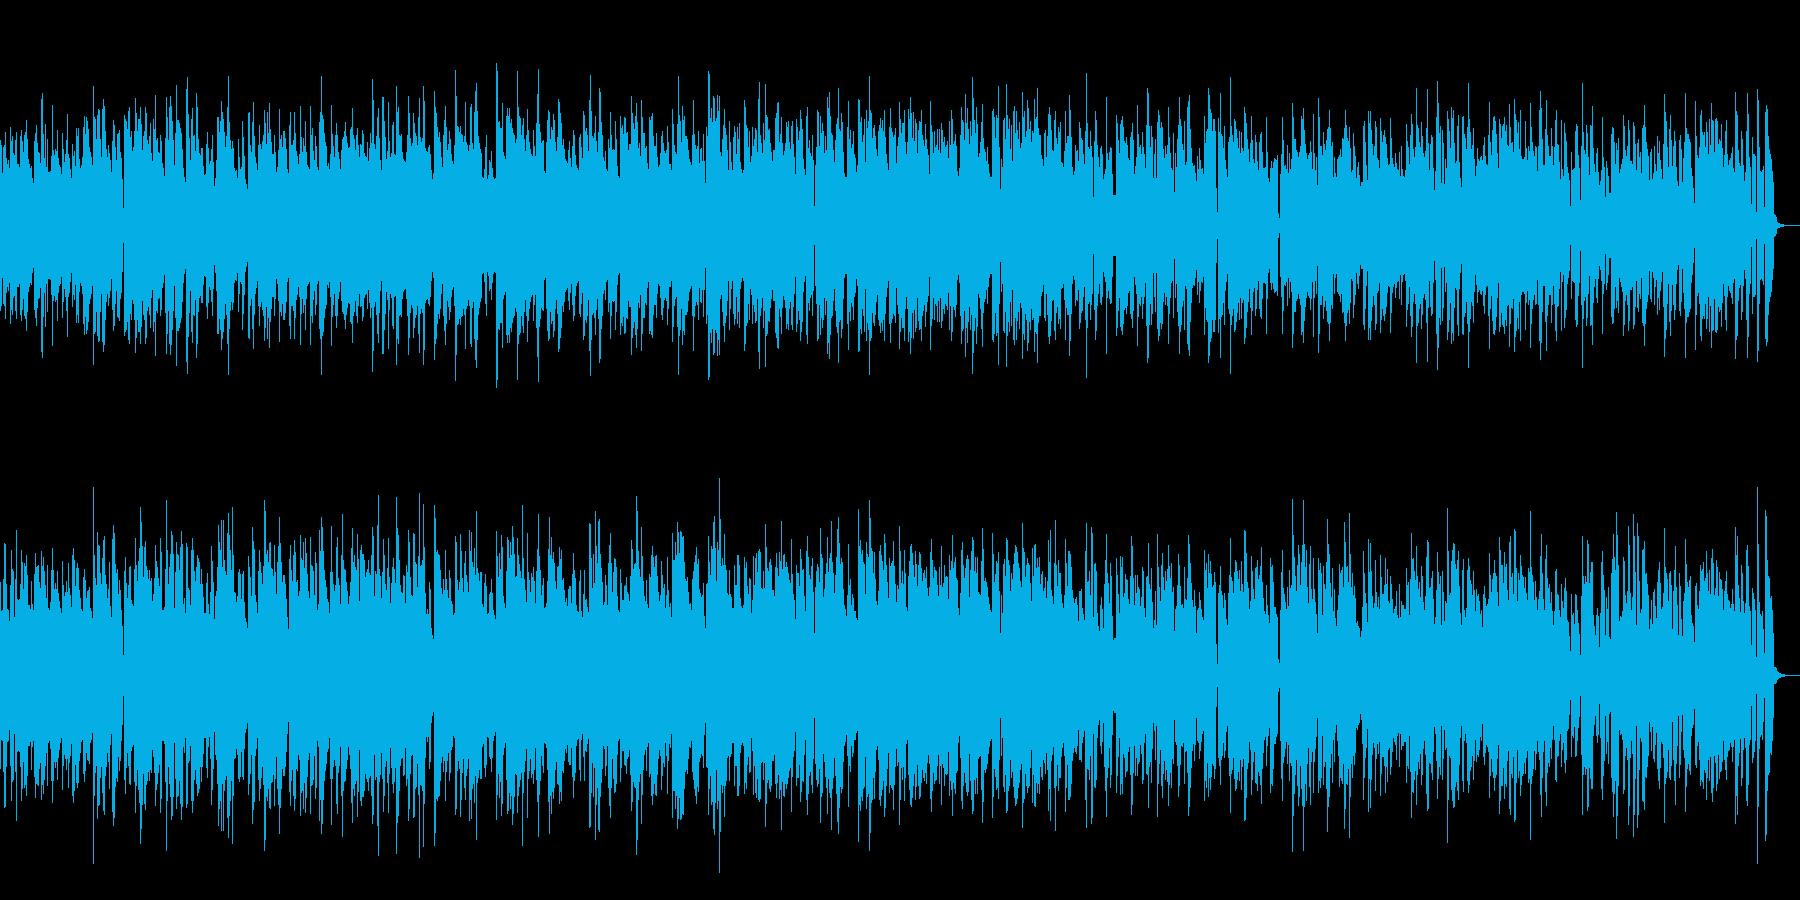 楽しい時間のスイングジャズの再生済みの波形